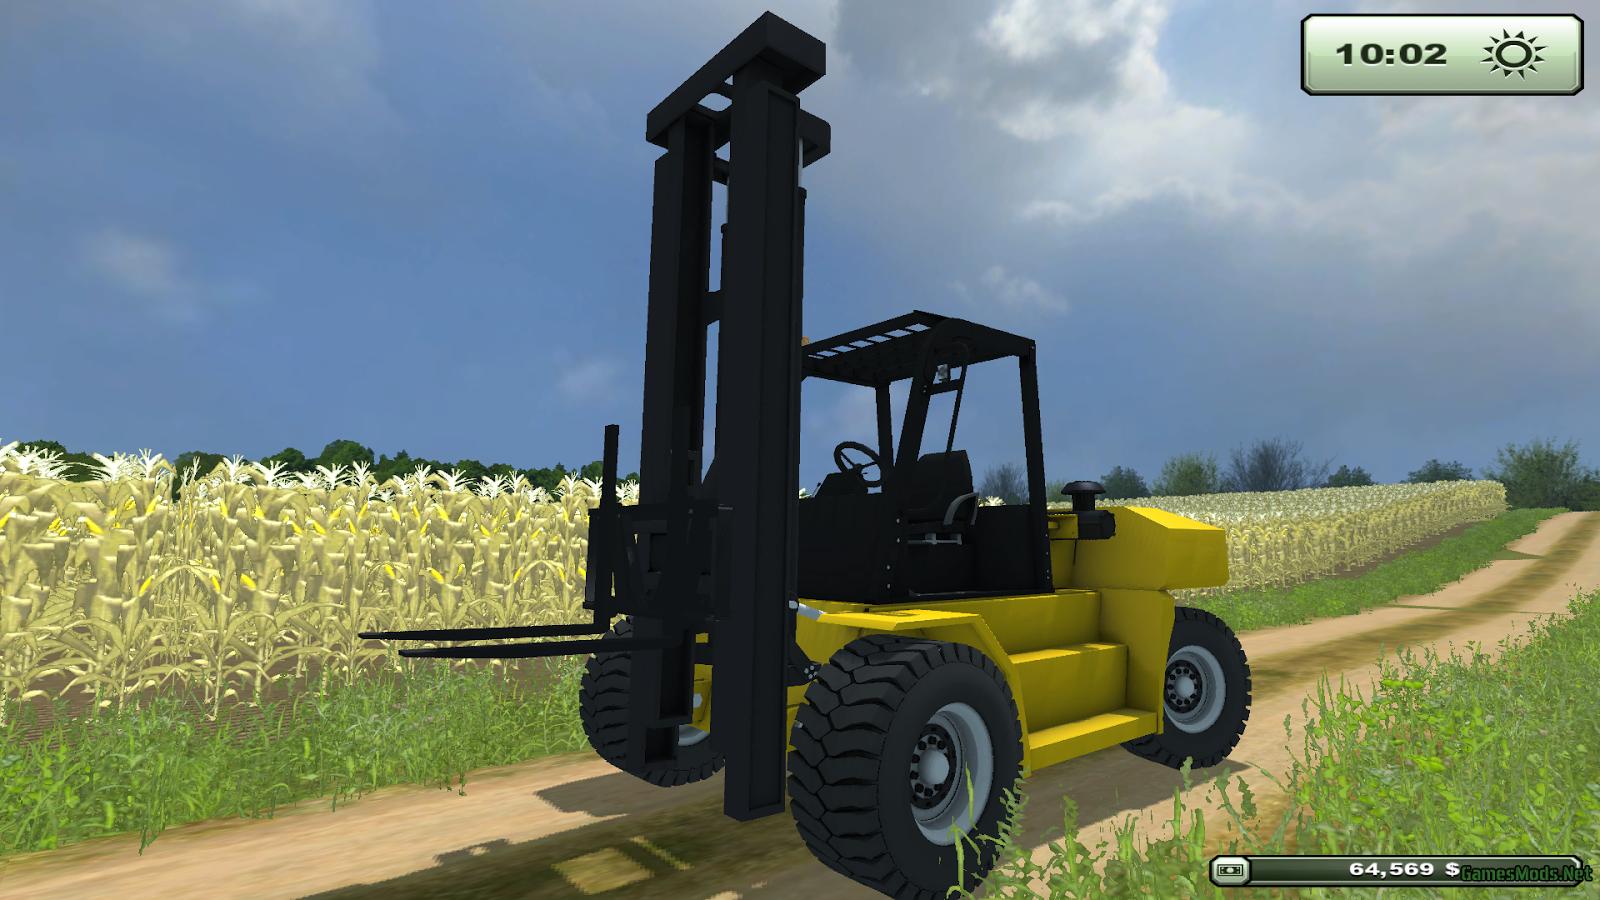 Farming Simulato...C 130 Simulator Online Free